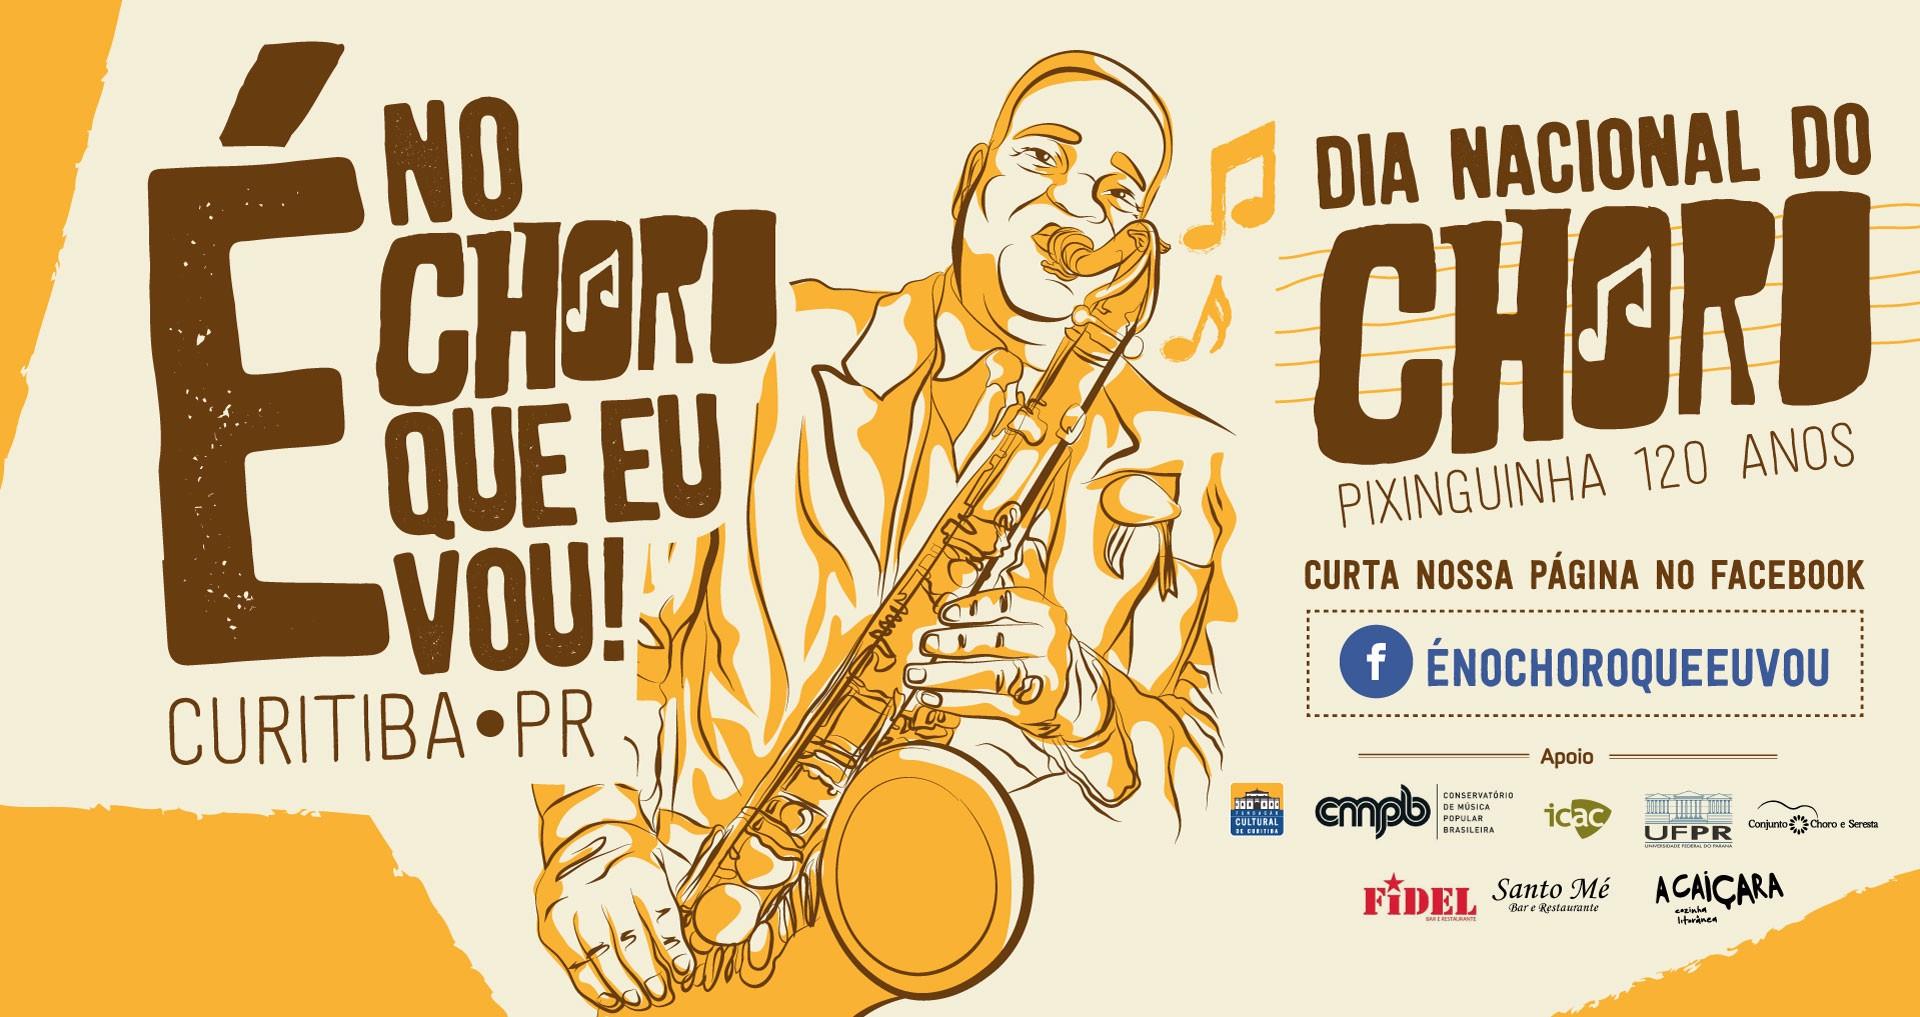 Festival do Choro